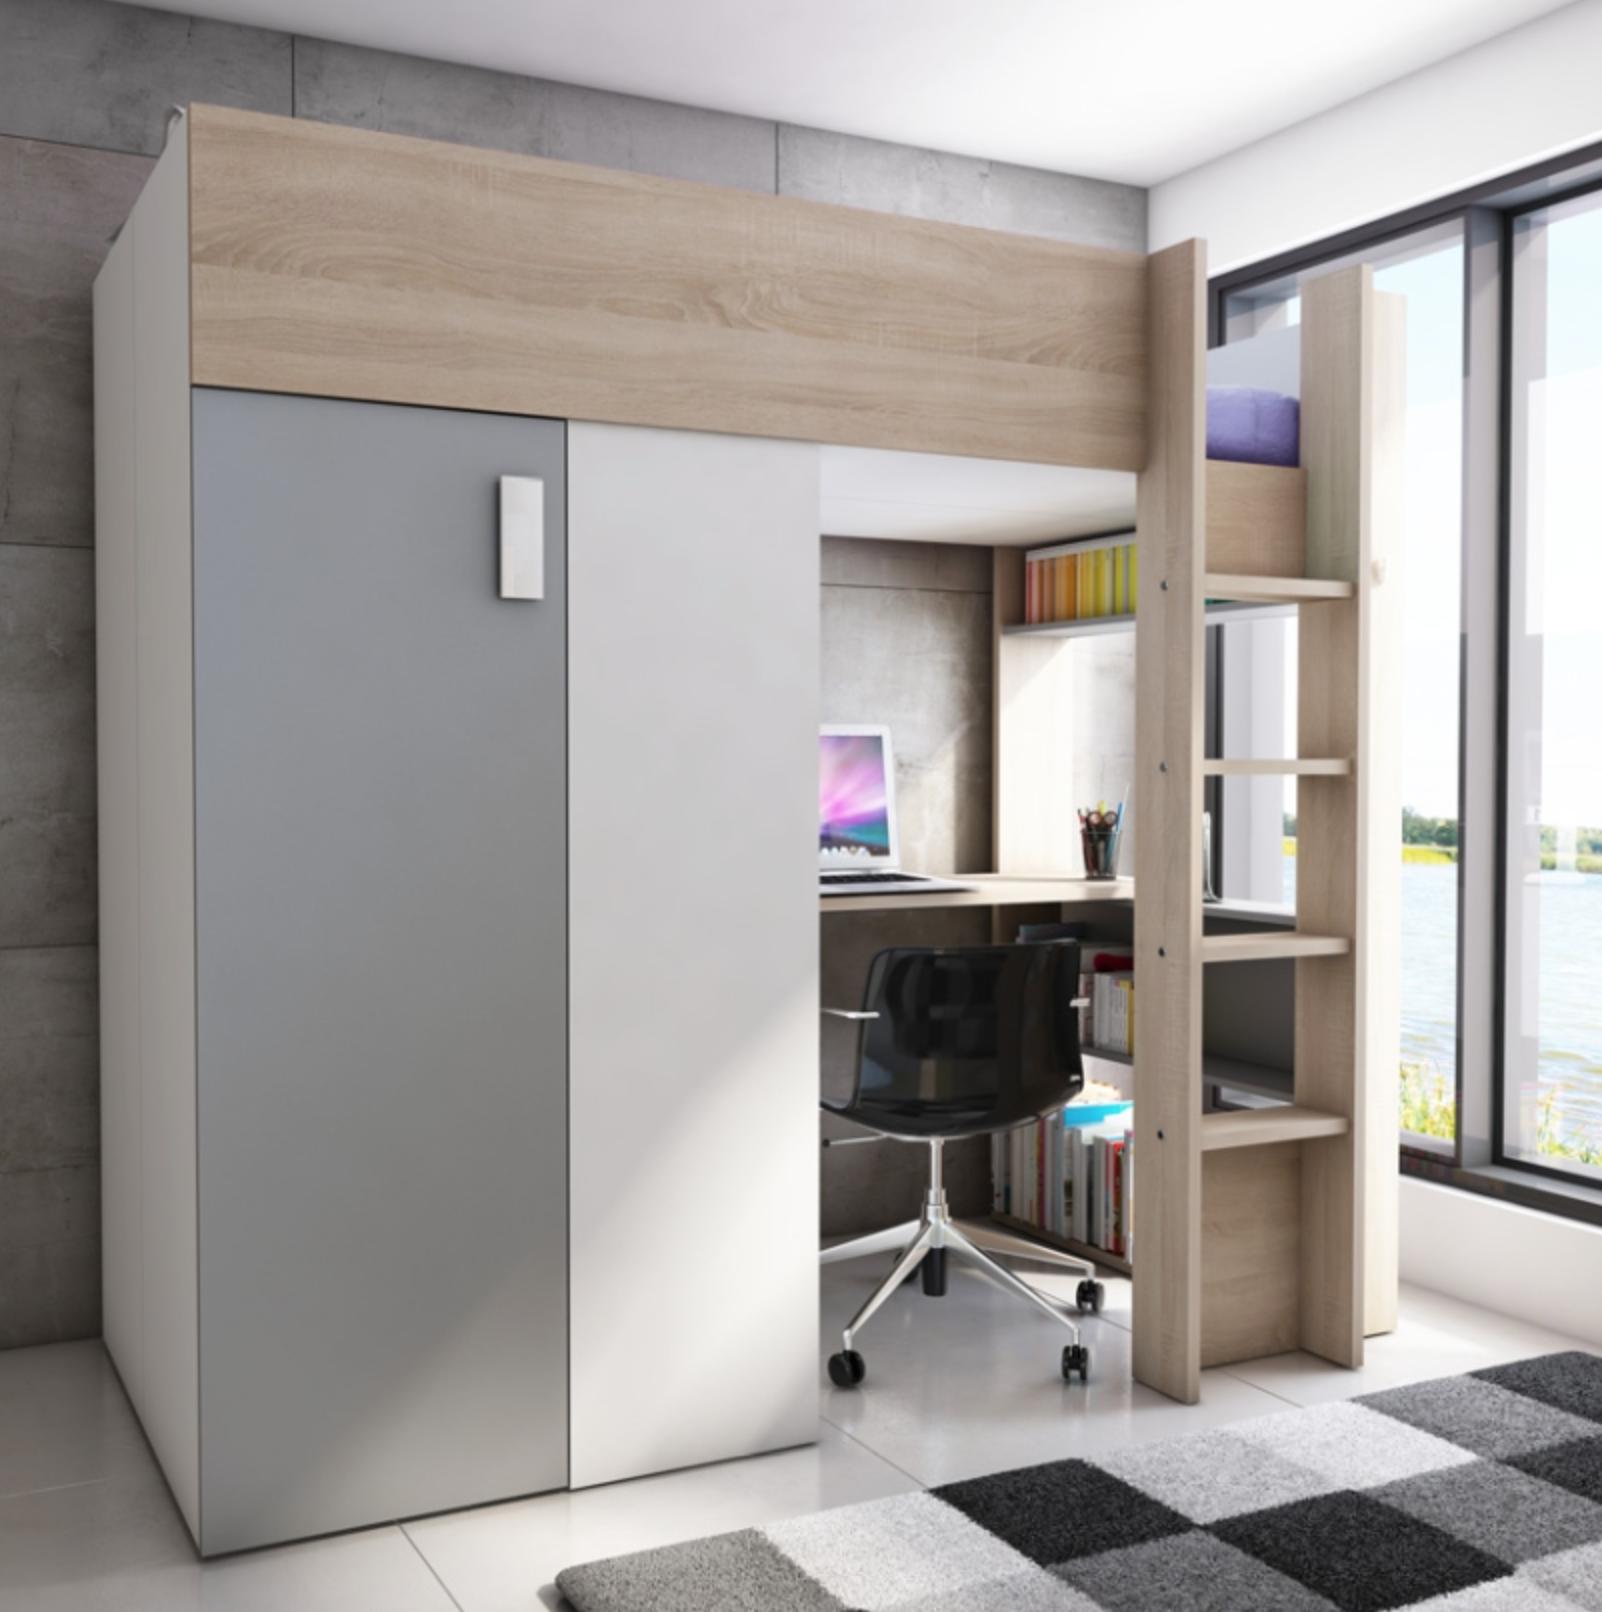 De hoogslaper d oplossing voor ruimtegebrek in de slaapkamer - Model slaapkamer ...